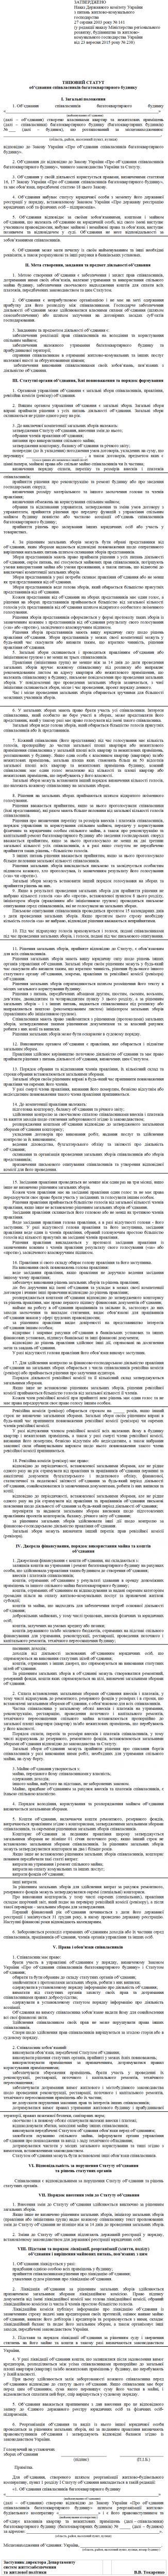 Как жителям Днепродзержинска создать ОСМД (фото) - фото 9